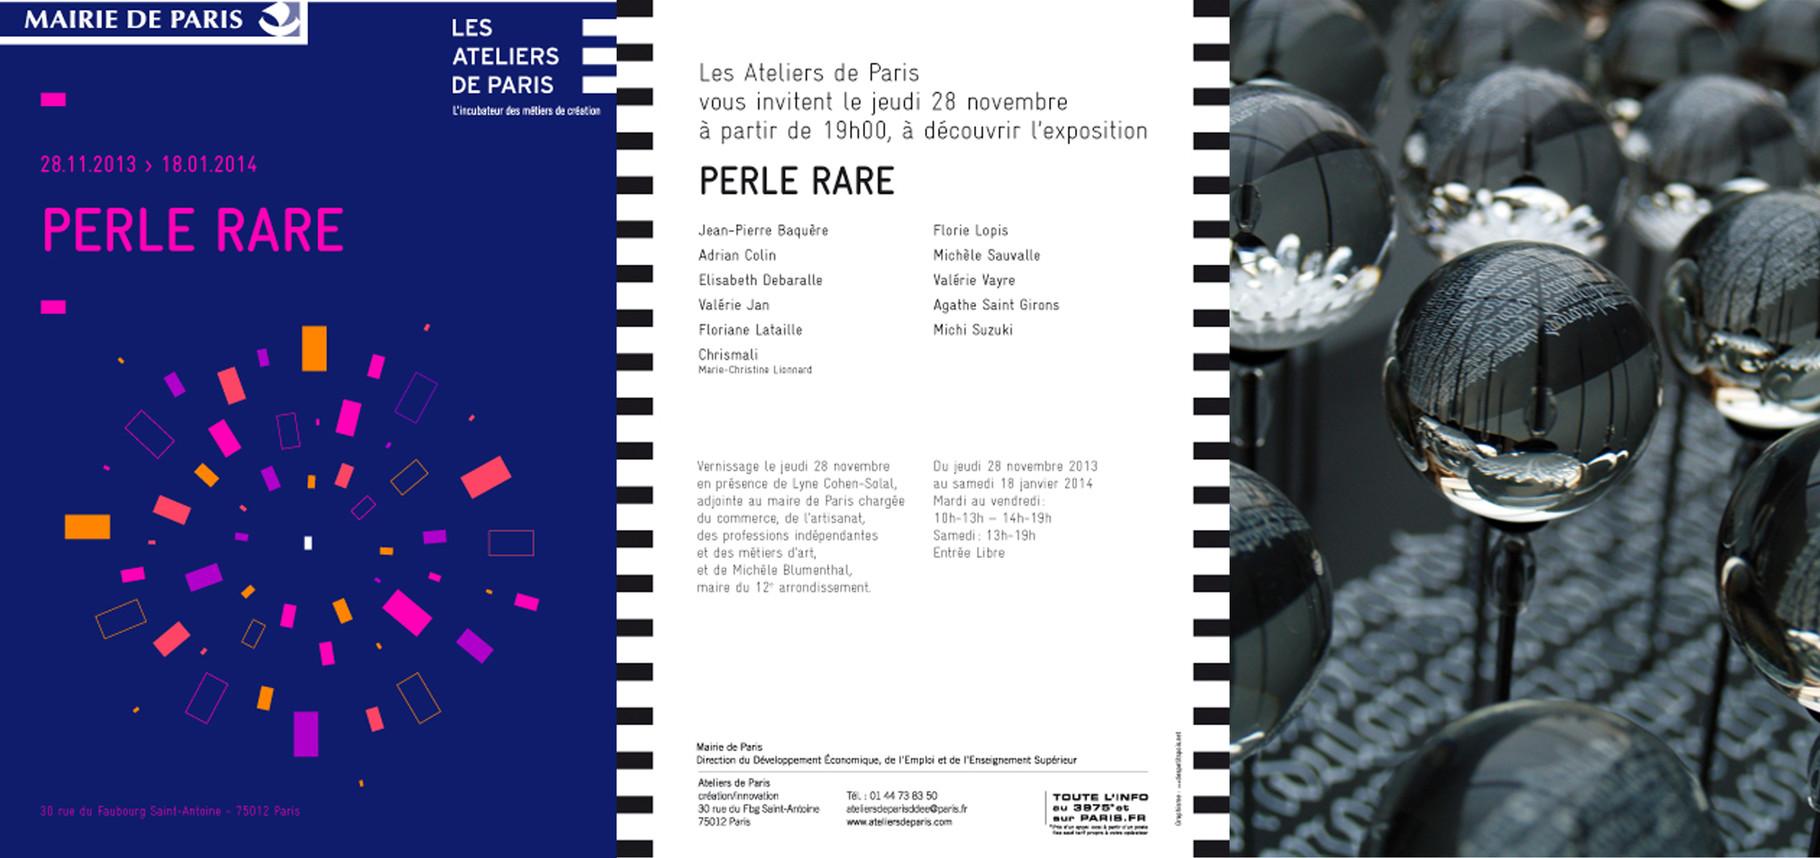 Exposition Perle Rare organisée par les Ateliers de Paris